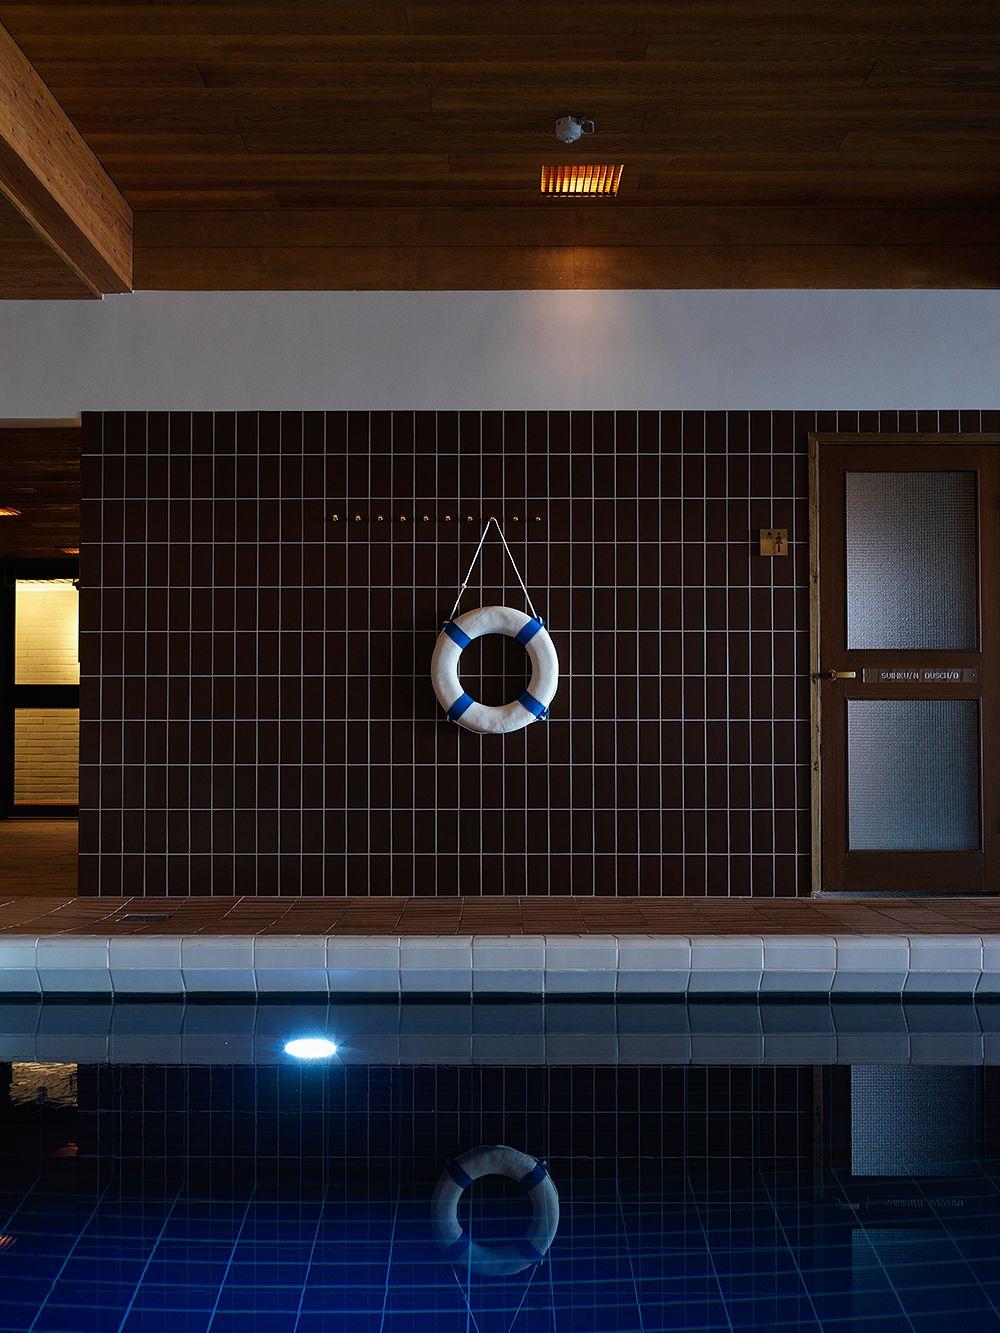 Hanasaaren hotellin uima-allasosasto